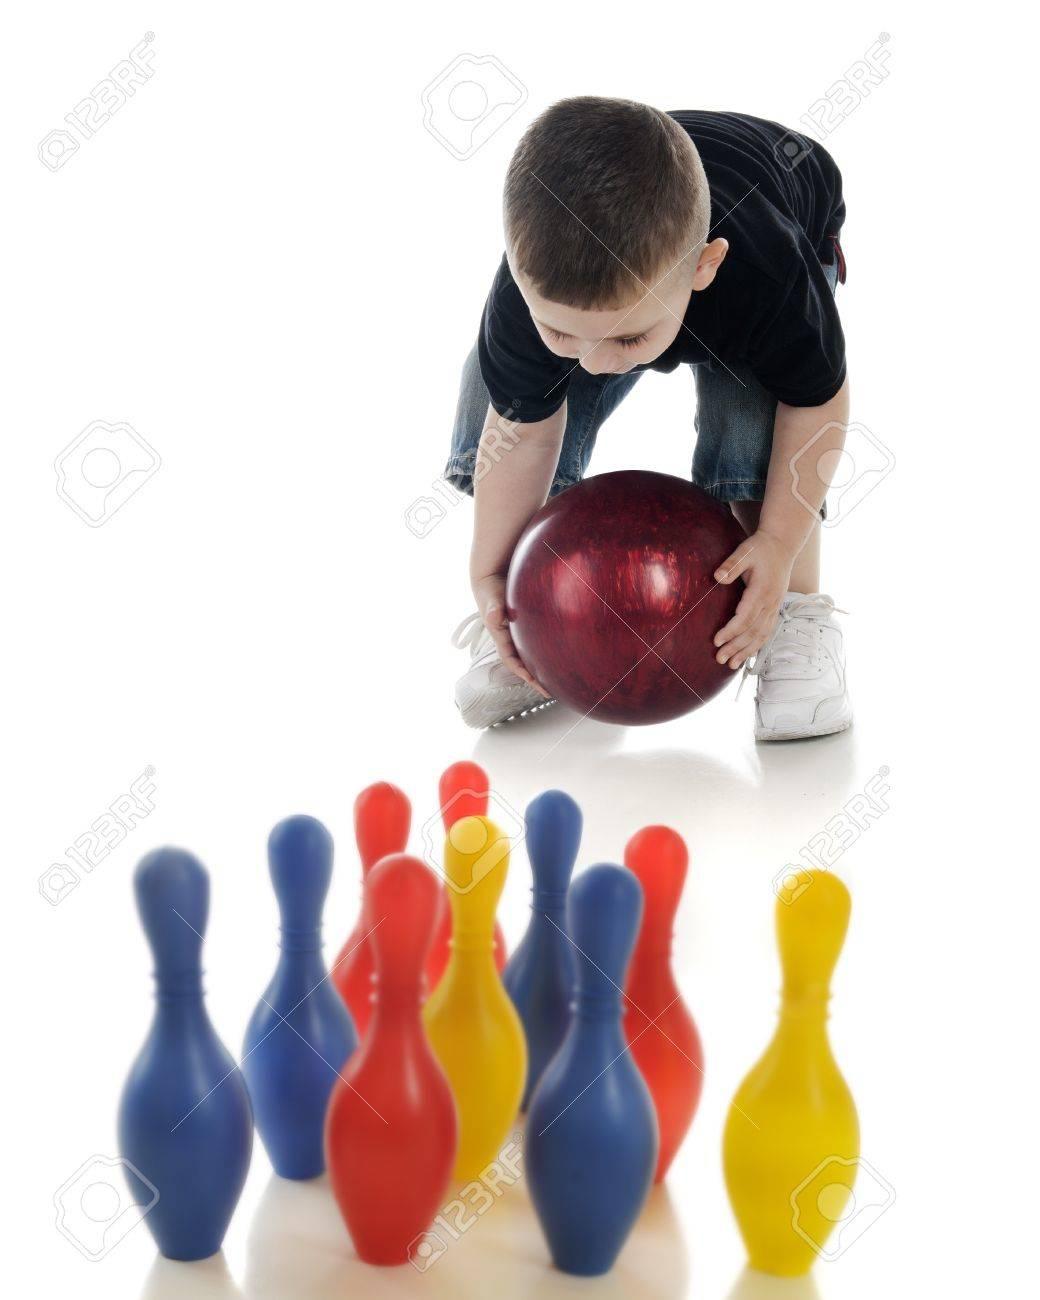 Tratando Rodar A Pequeño La De Niño Enfoque Y Una Estándar Para Su Bola Pines En Bowling Derribar Pelota Juguete Hacer Un srdhCtQ